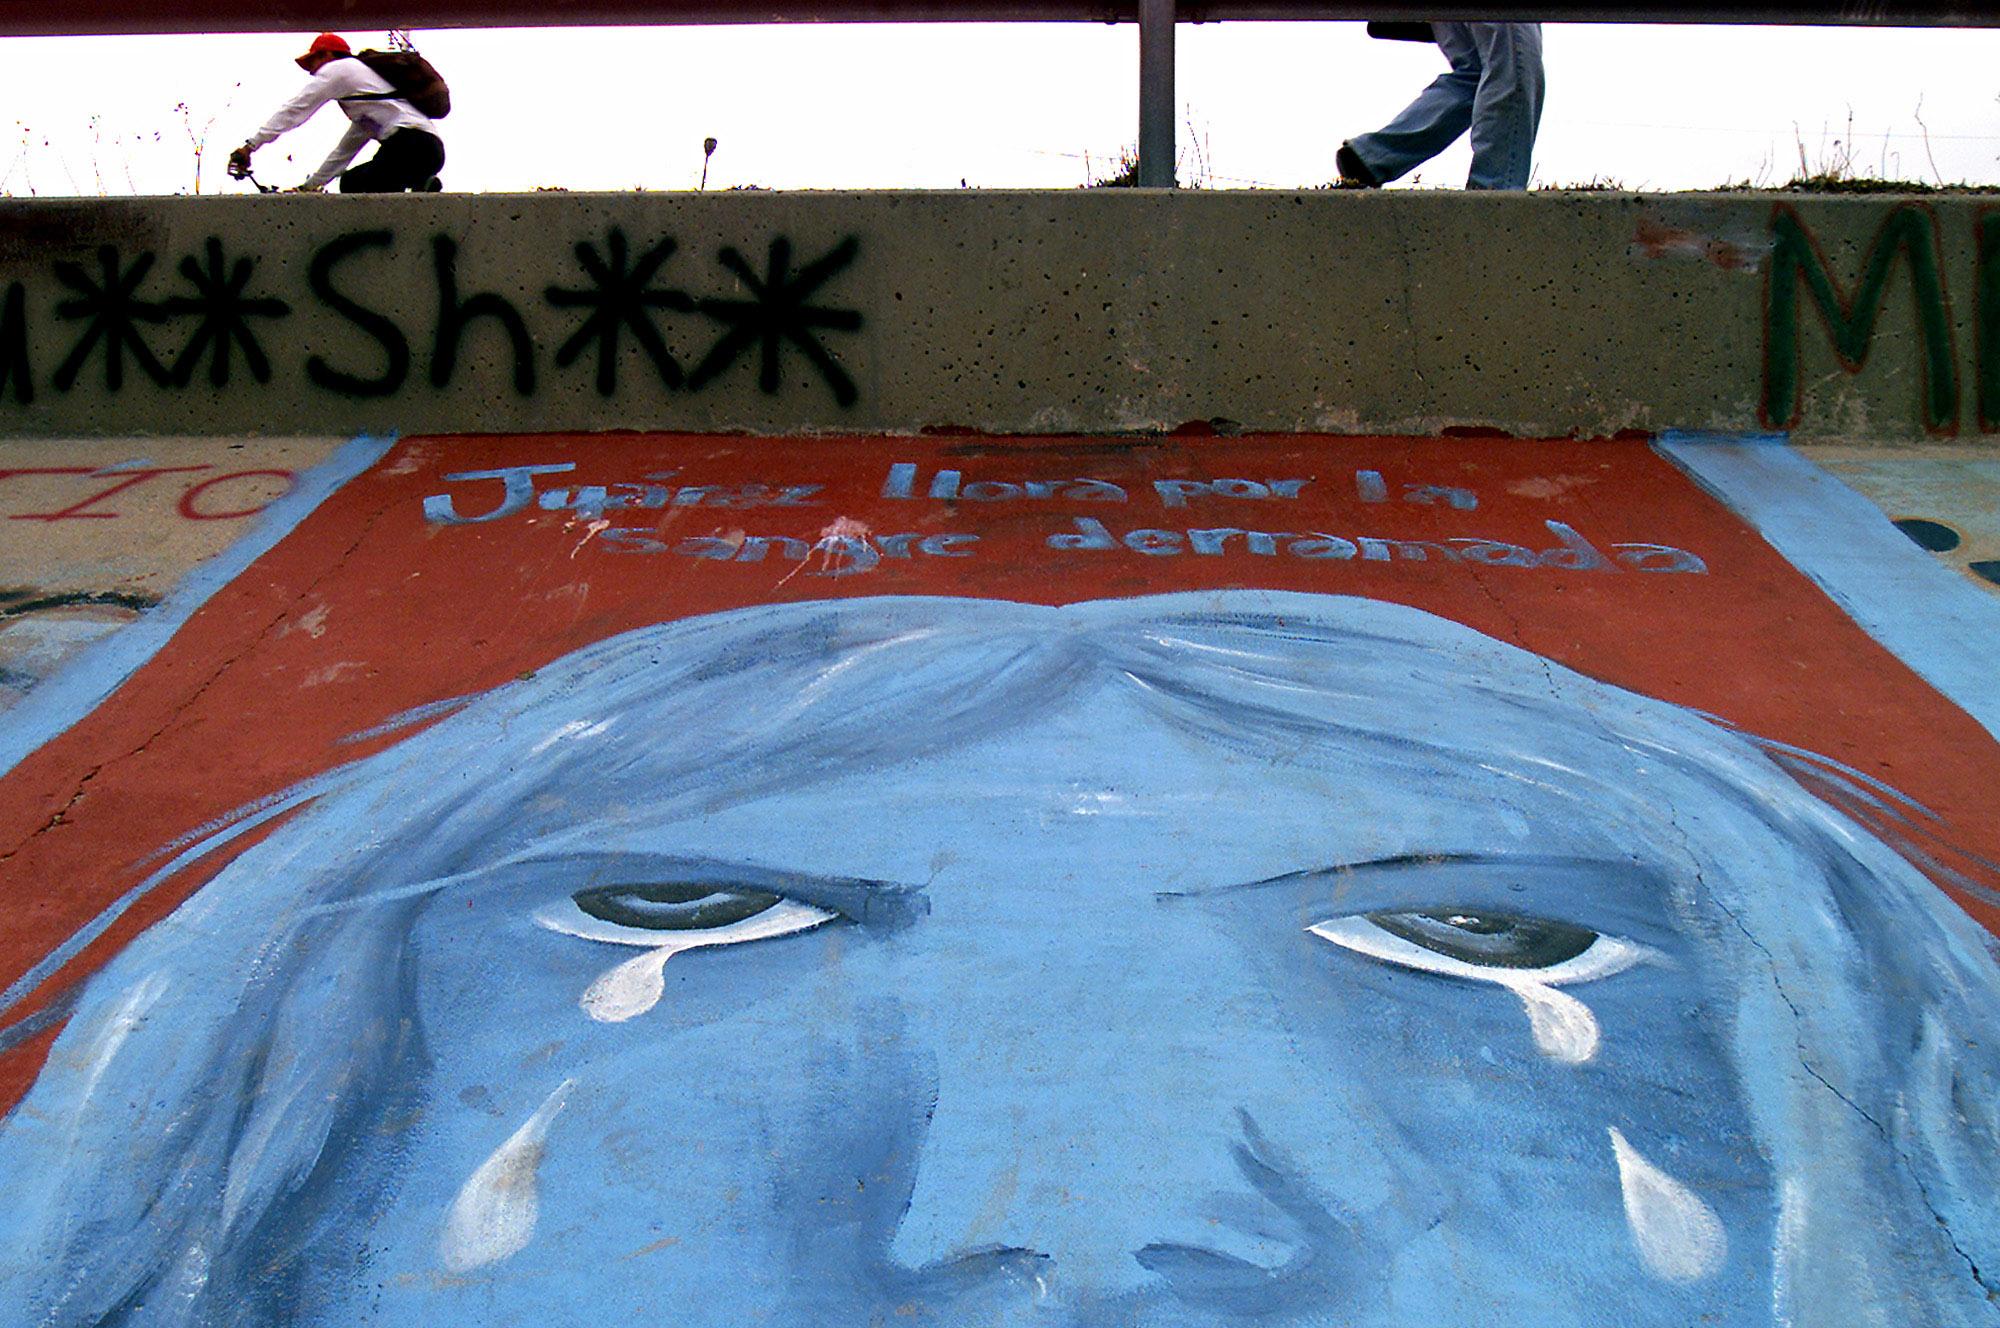 Fresque peinte sur un mur de béton, représentant le visage d'une femme en pleurs (© AP Images)